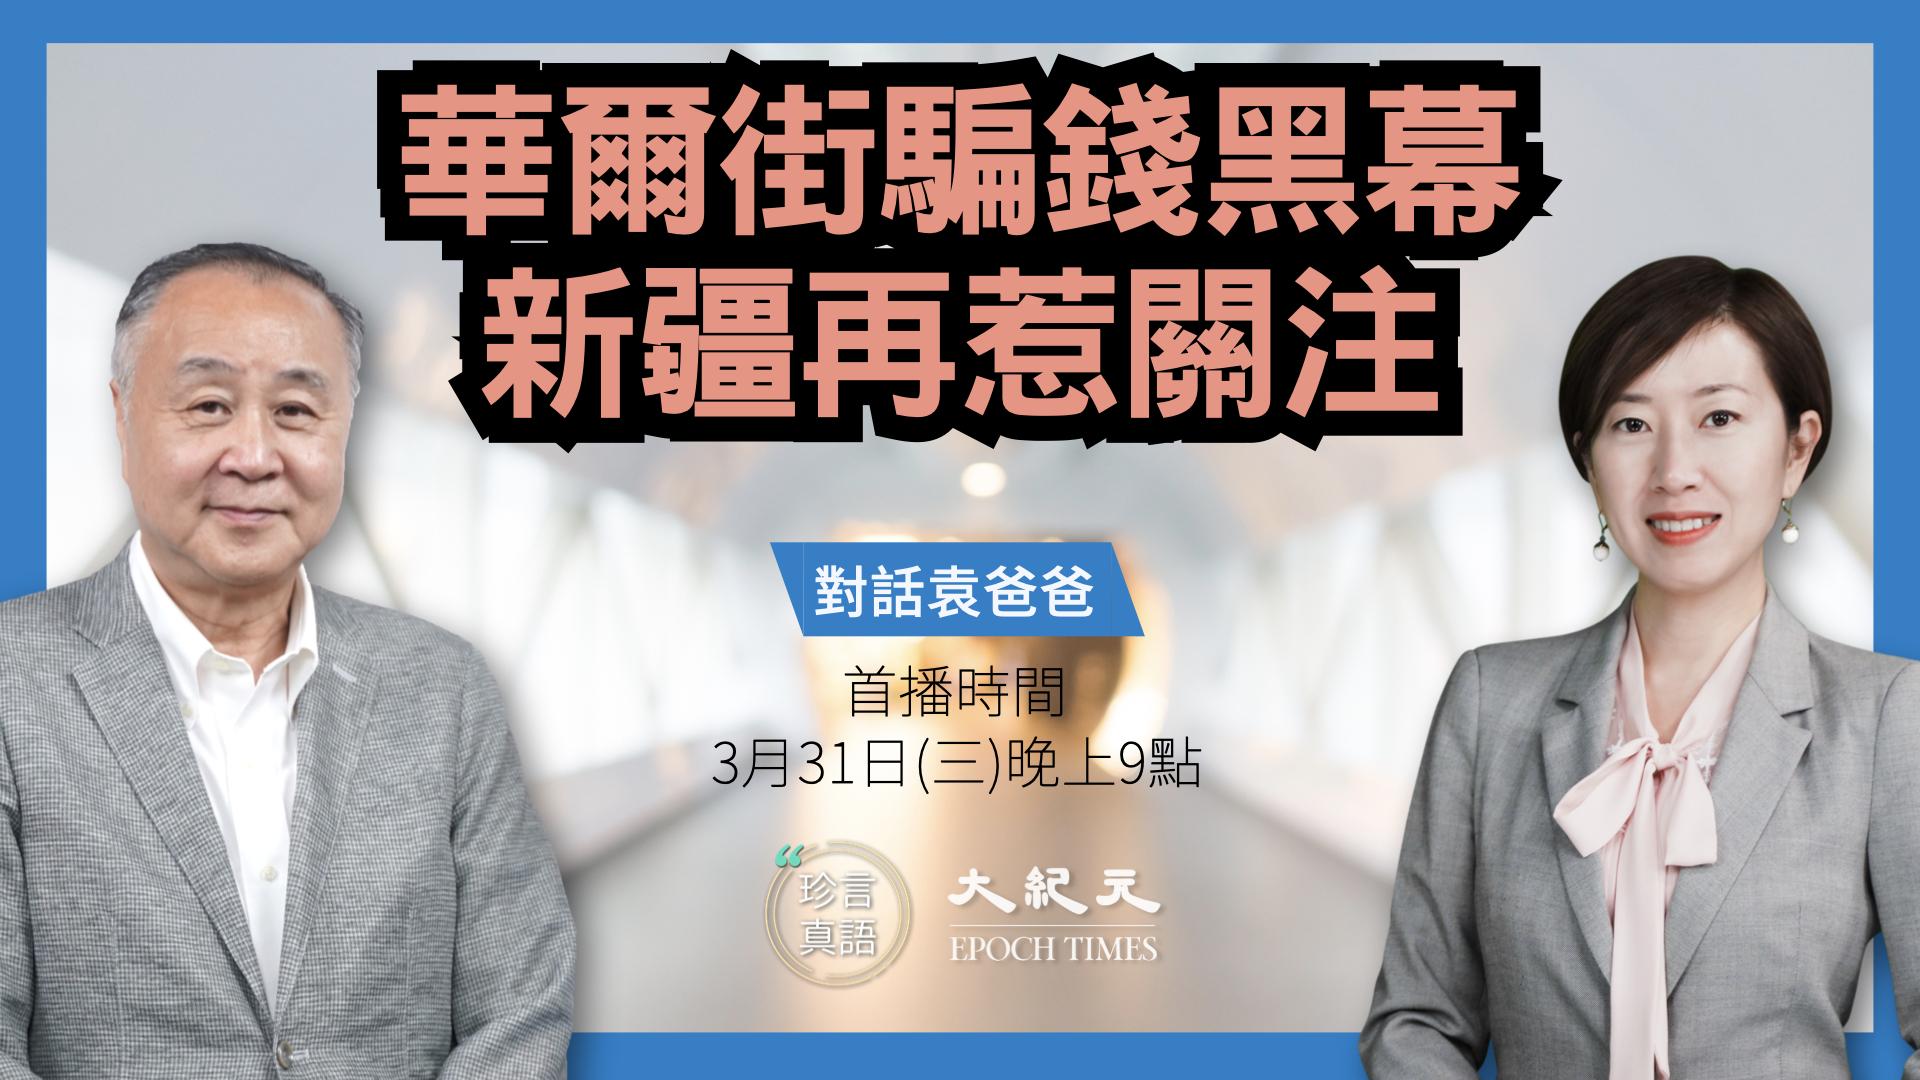 【珍言真語】袁弓夷:華爾街騙錢黑幕,新疆再惹關注。(大紀元製圖)